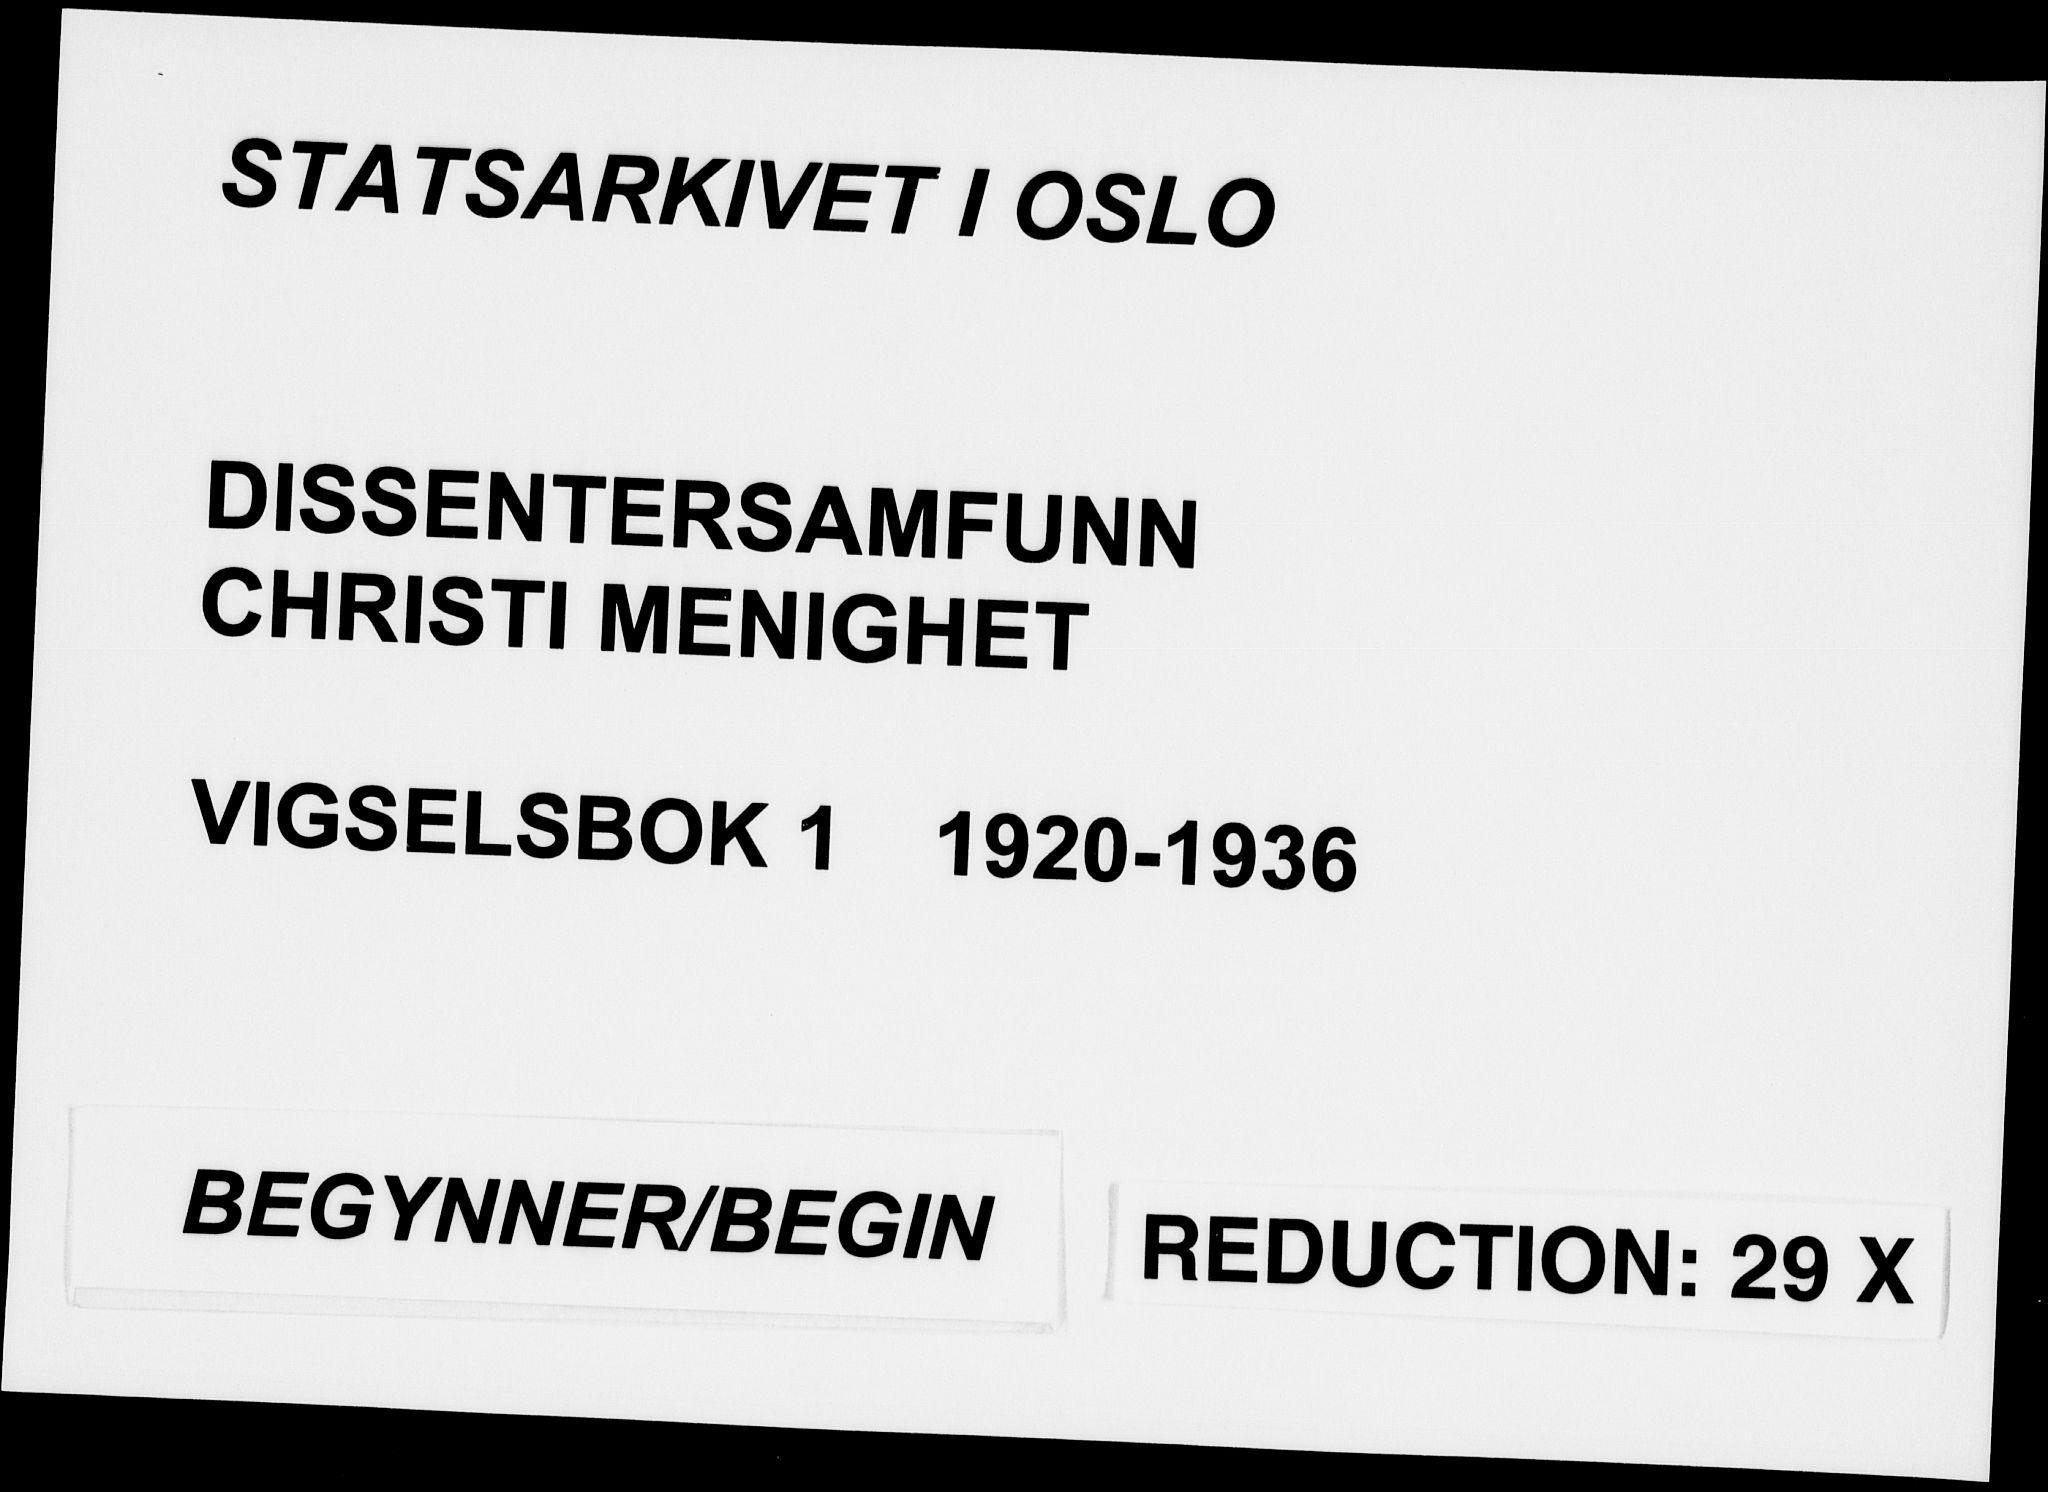 SAO, Kristi menighet Oslo , D/L0002: Vigselsbok (dissentere) nr. 2, 1920-1936